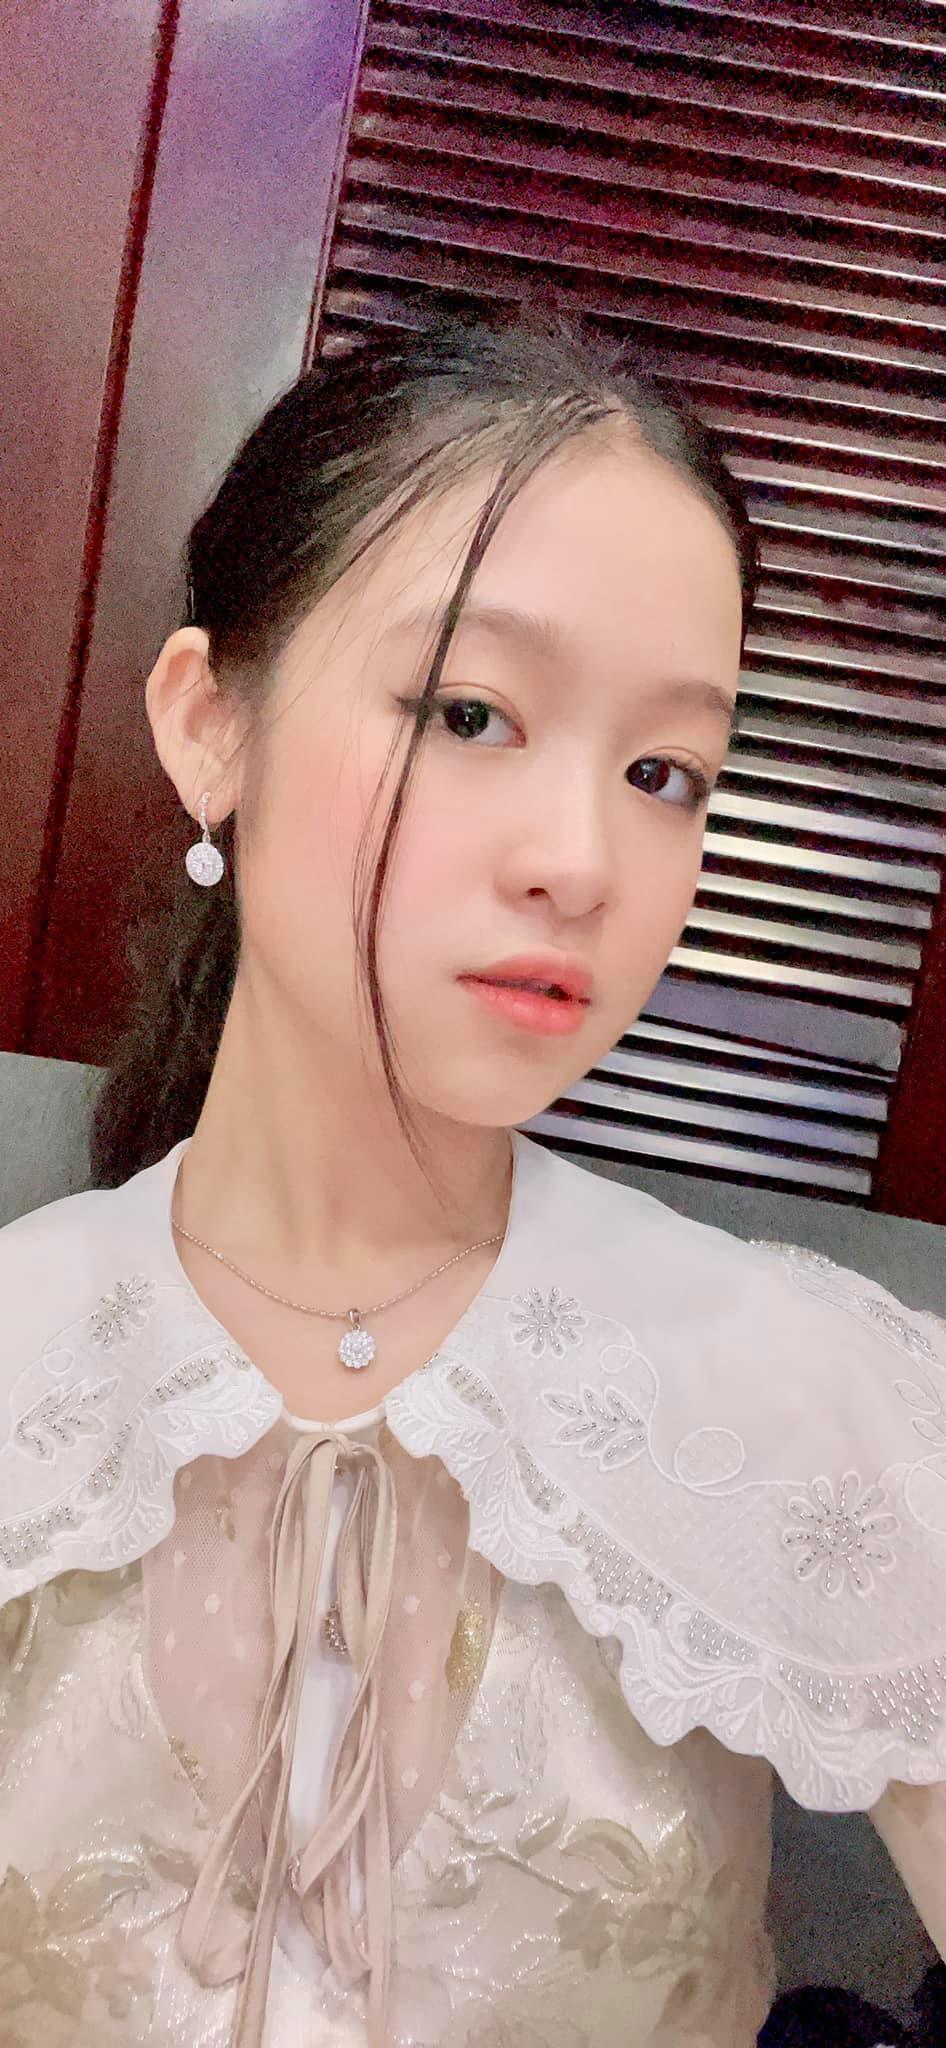 Cô bé Hoa khôi nhí Tây đô 13 tuổi mua chung cư cao cấp cả tỷ đồng ở Sài Gòn tặng mẹ 3